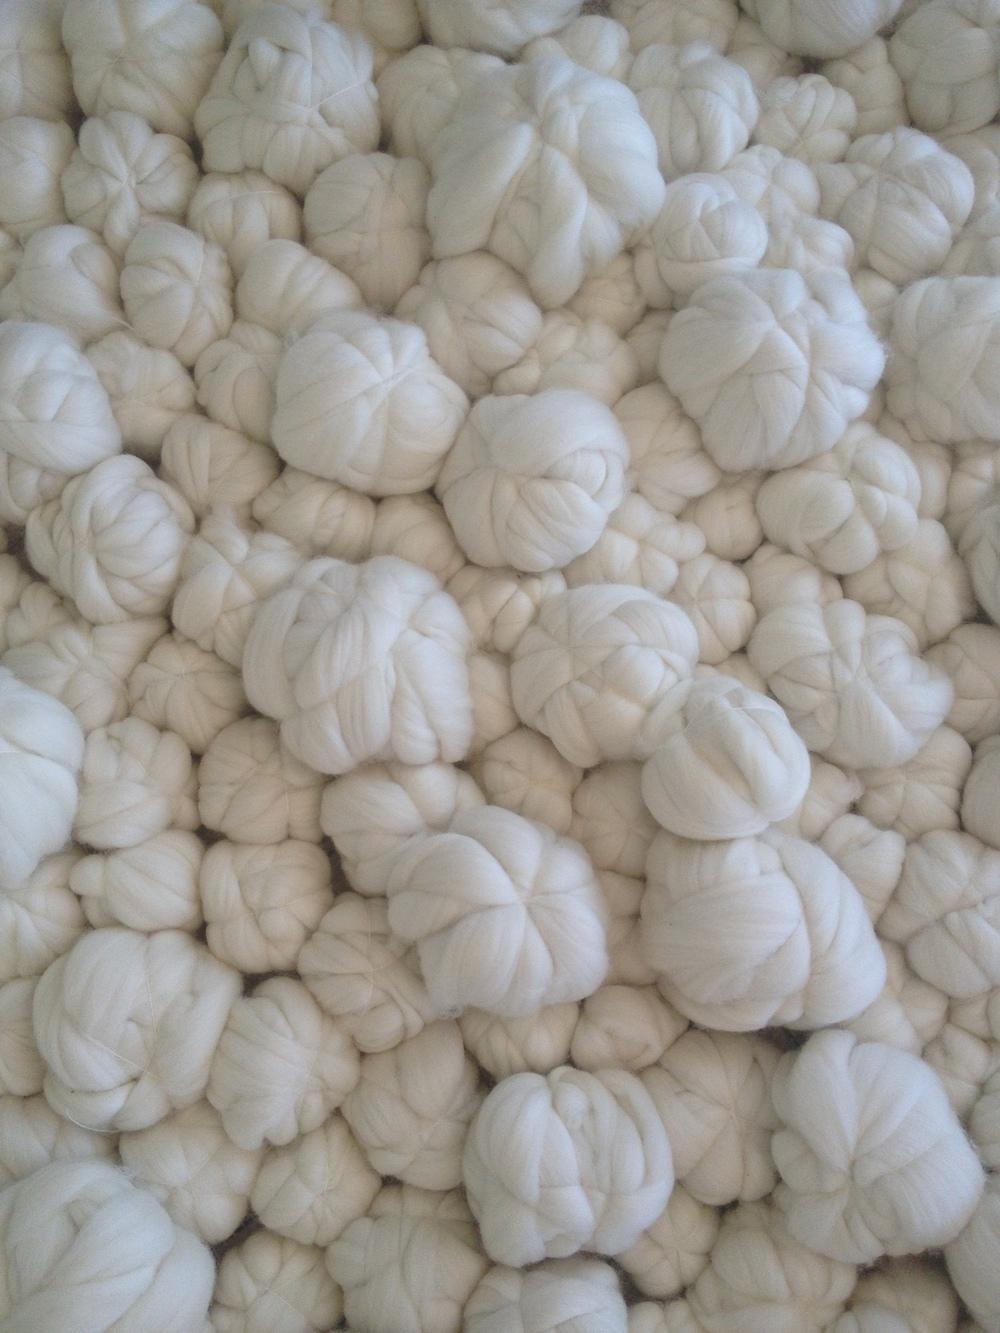 woollie balls.jpg